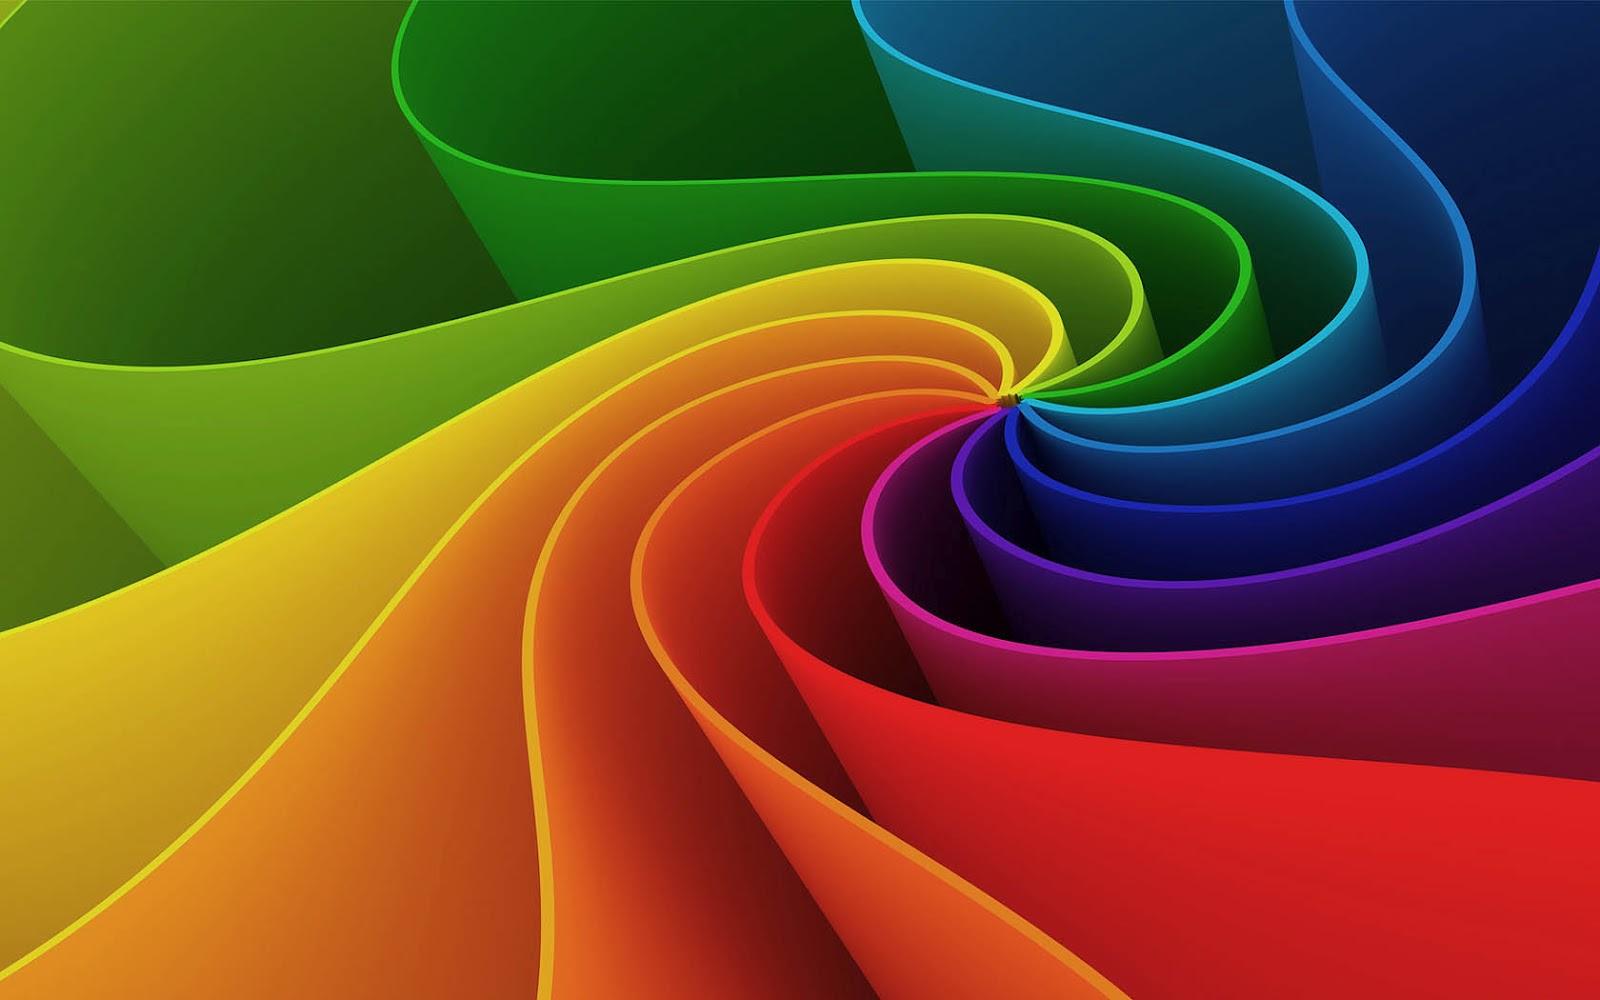 Abstracte wallpaper met felle kleuren Mooie Leuke